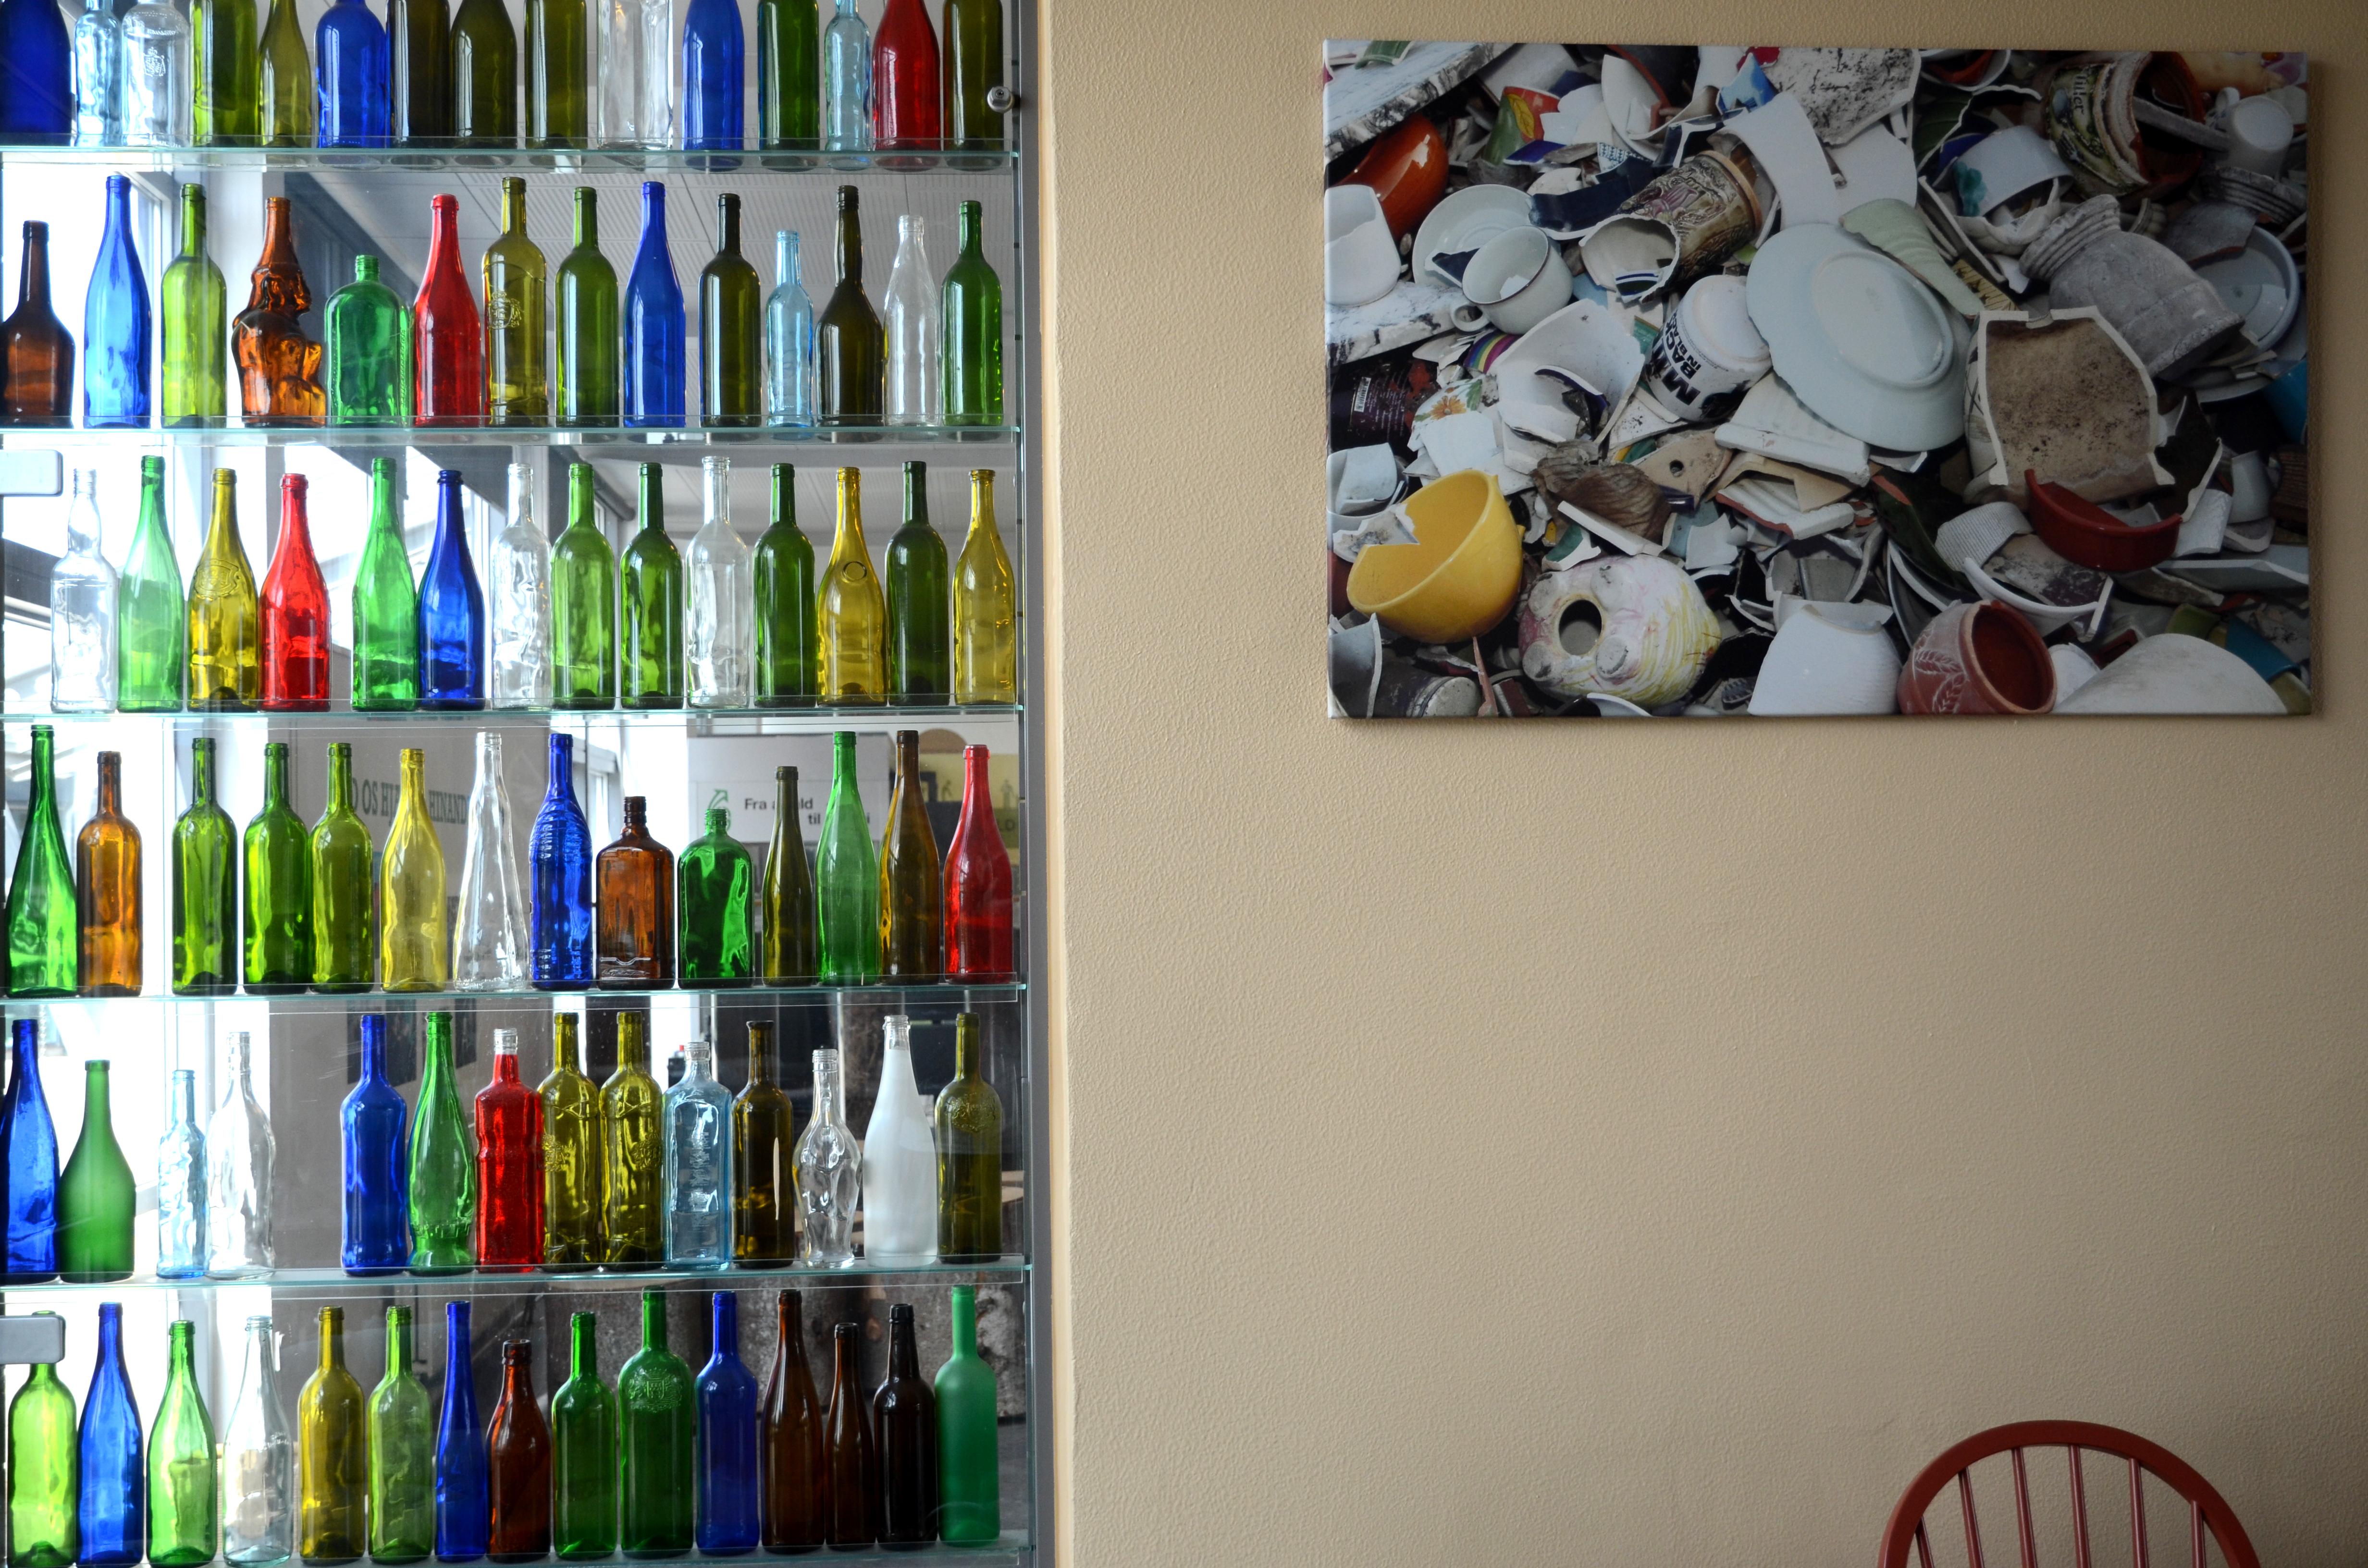 I kantinen hænger der flotte billeder af blandt andet en bunke knust og skåret keramik ved siden af en glasmontre med smukke farvestråelende flasker.